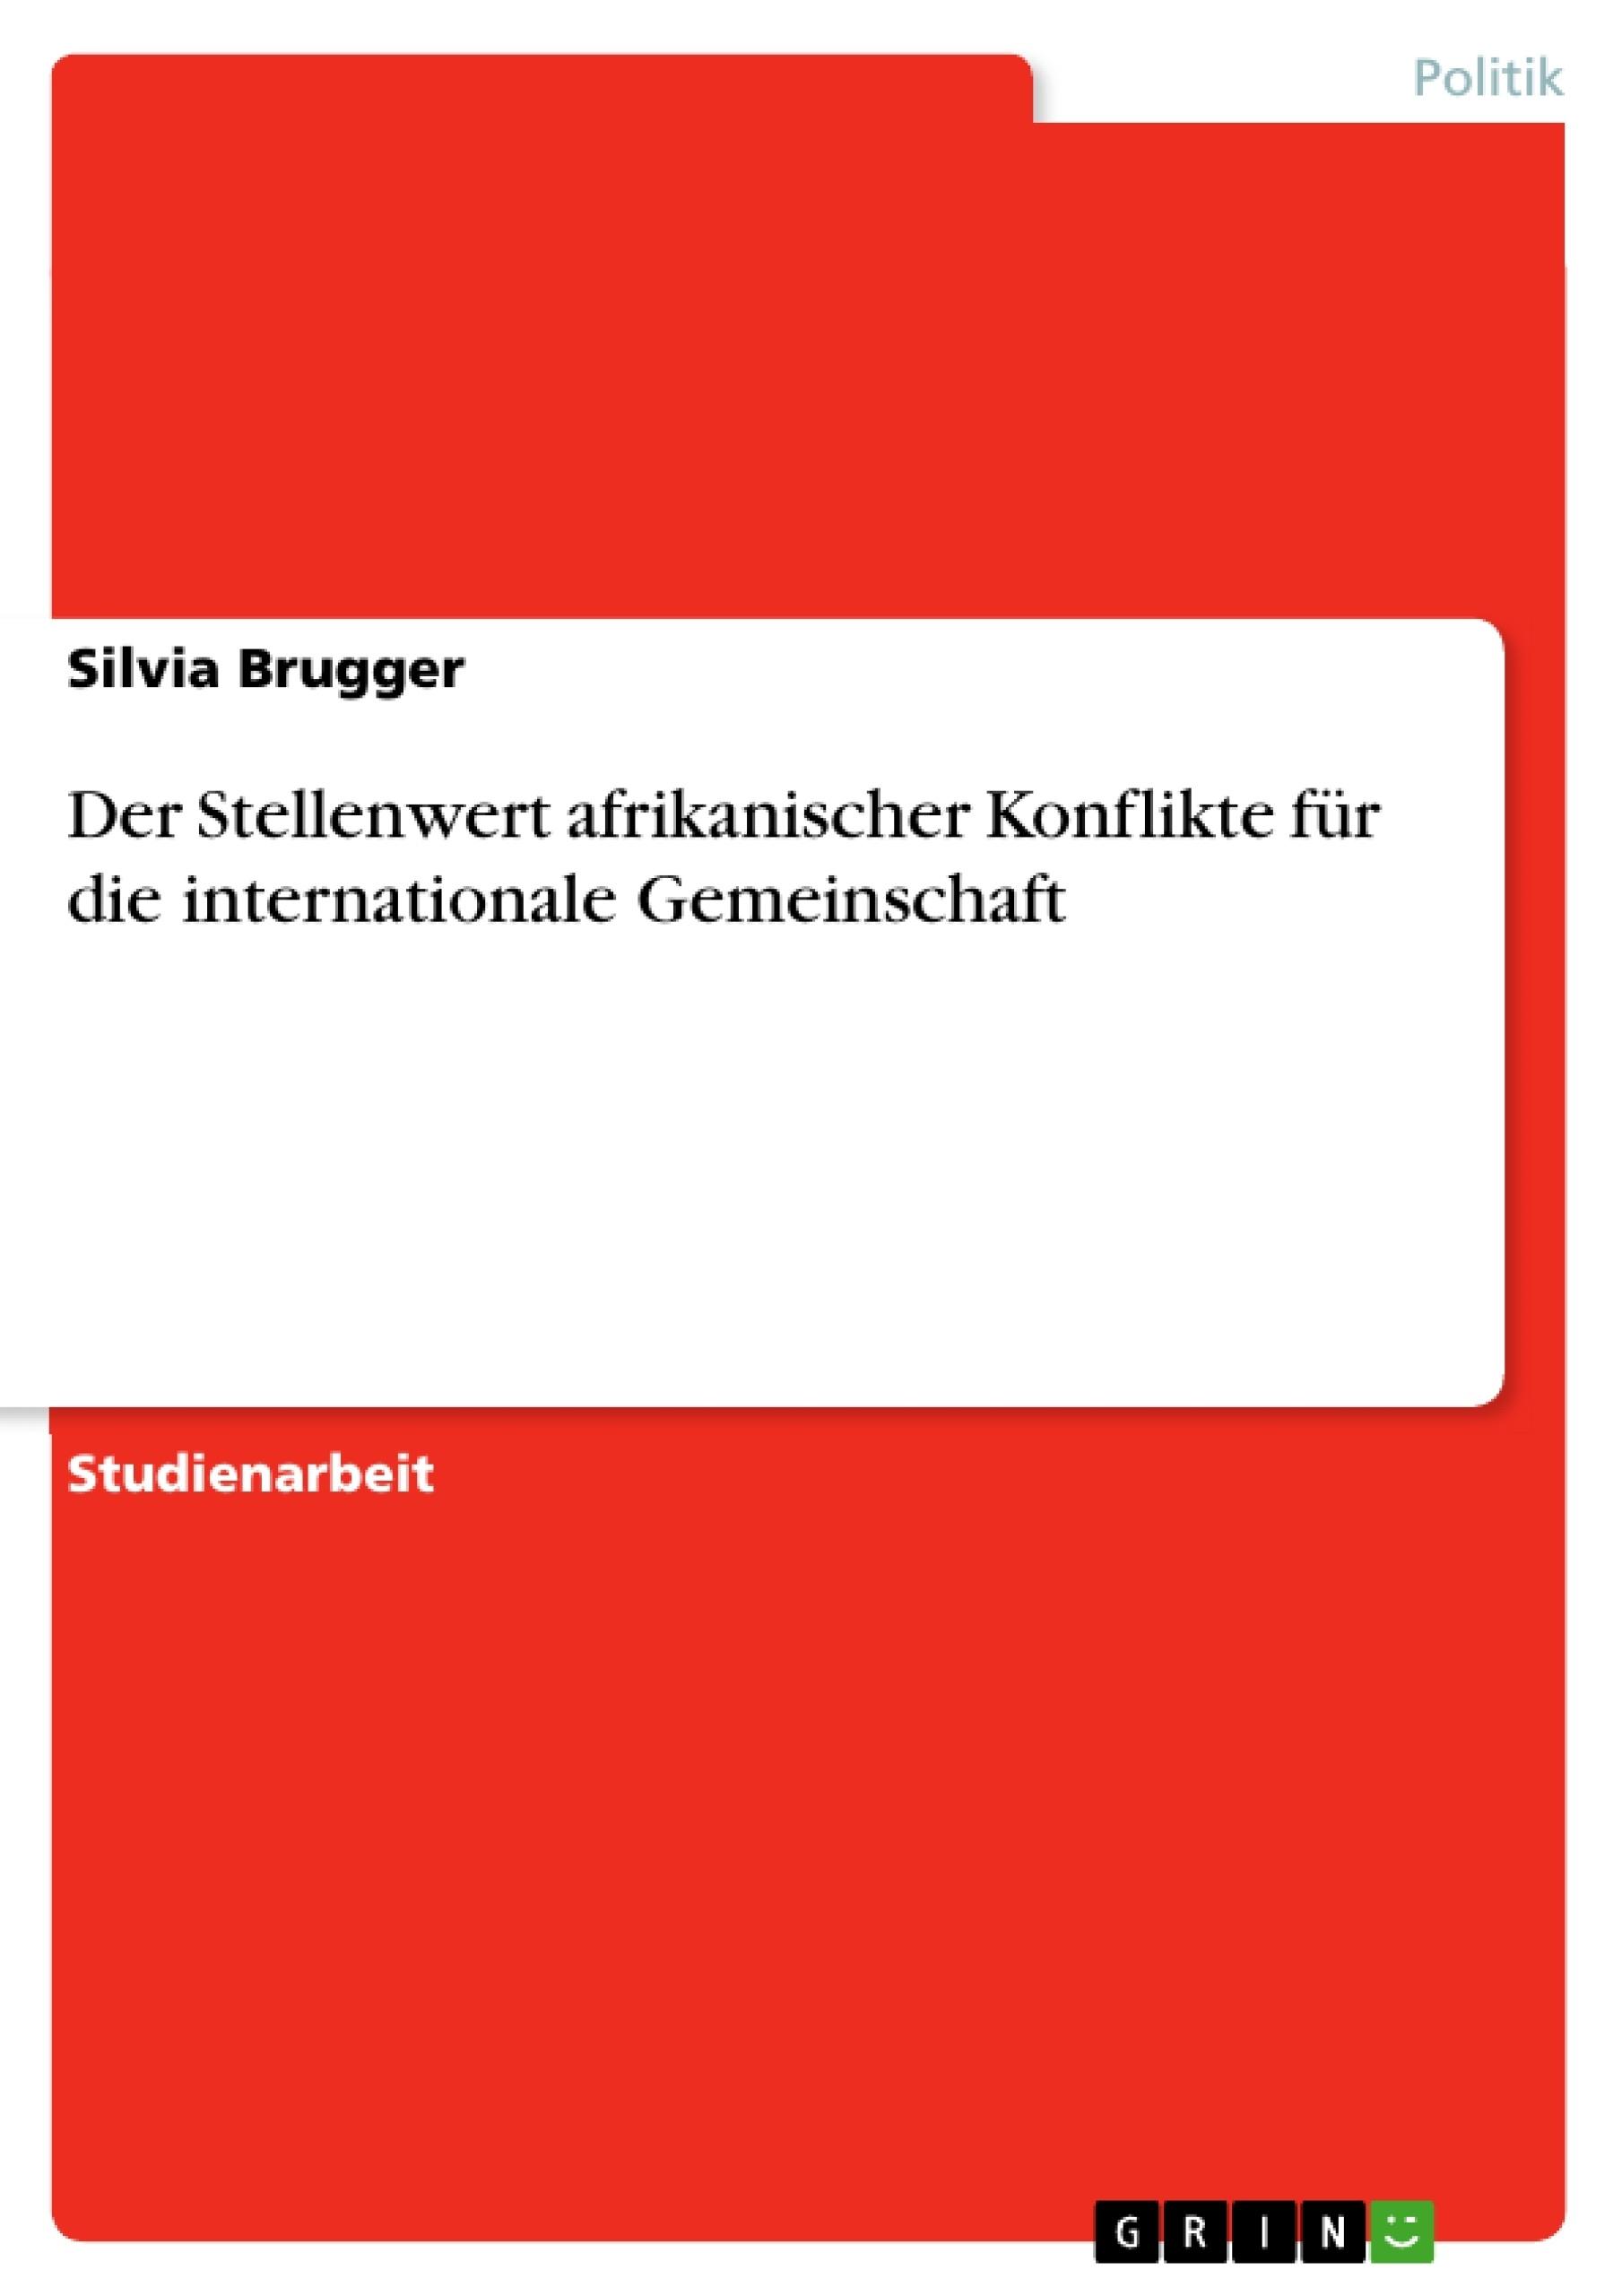 Titel: Der Stellenwert afrikanischer Konflikte für die internationale Gemeinschaft